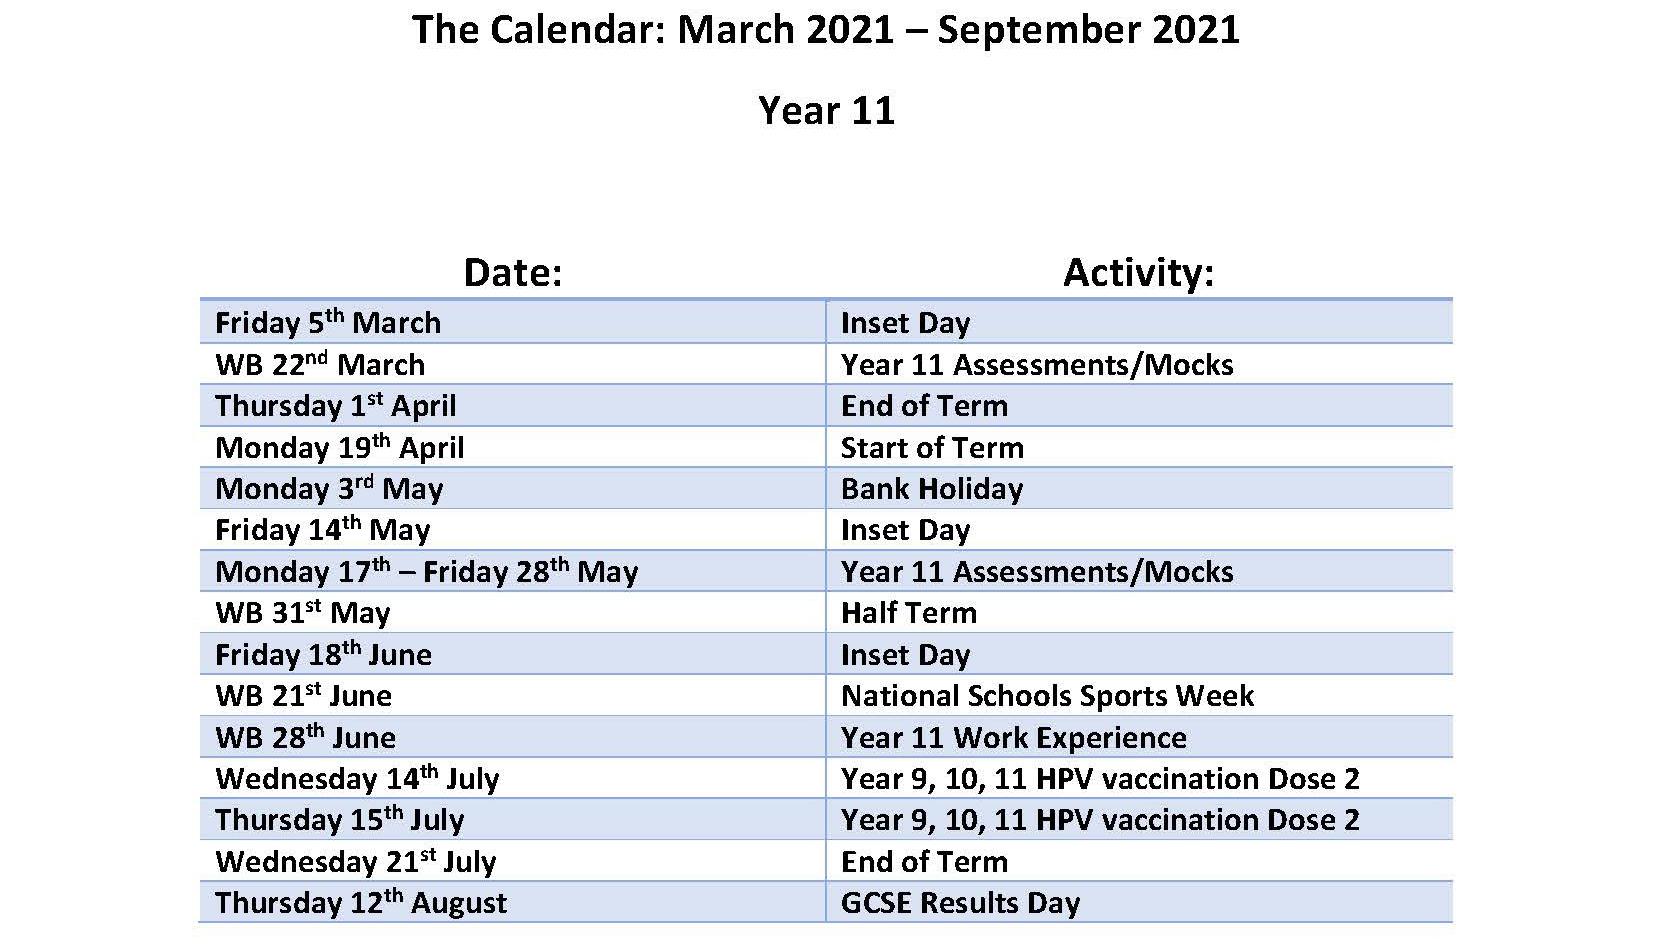 Calendar March - July 2021 - Year 11